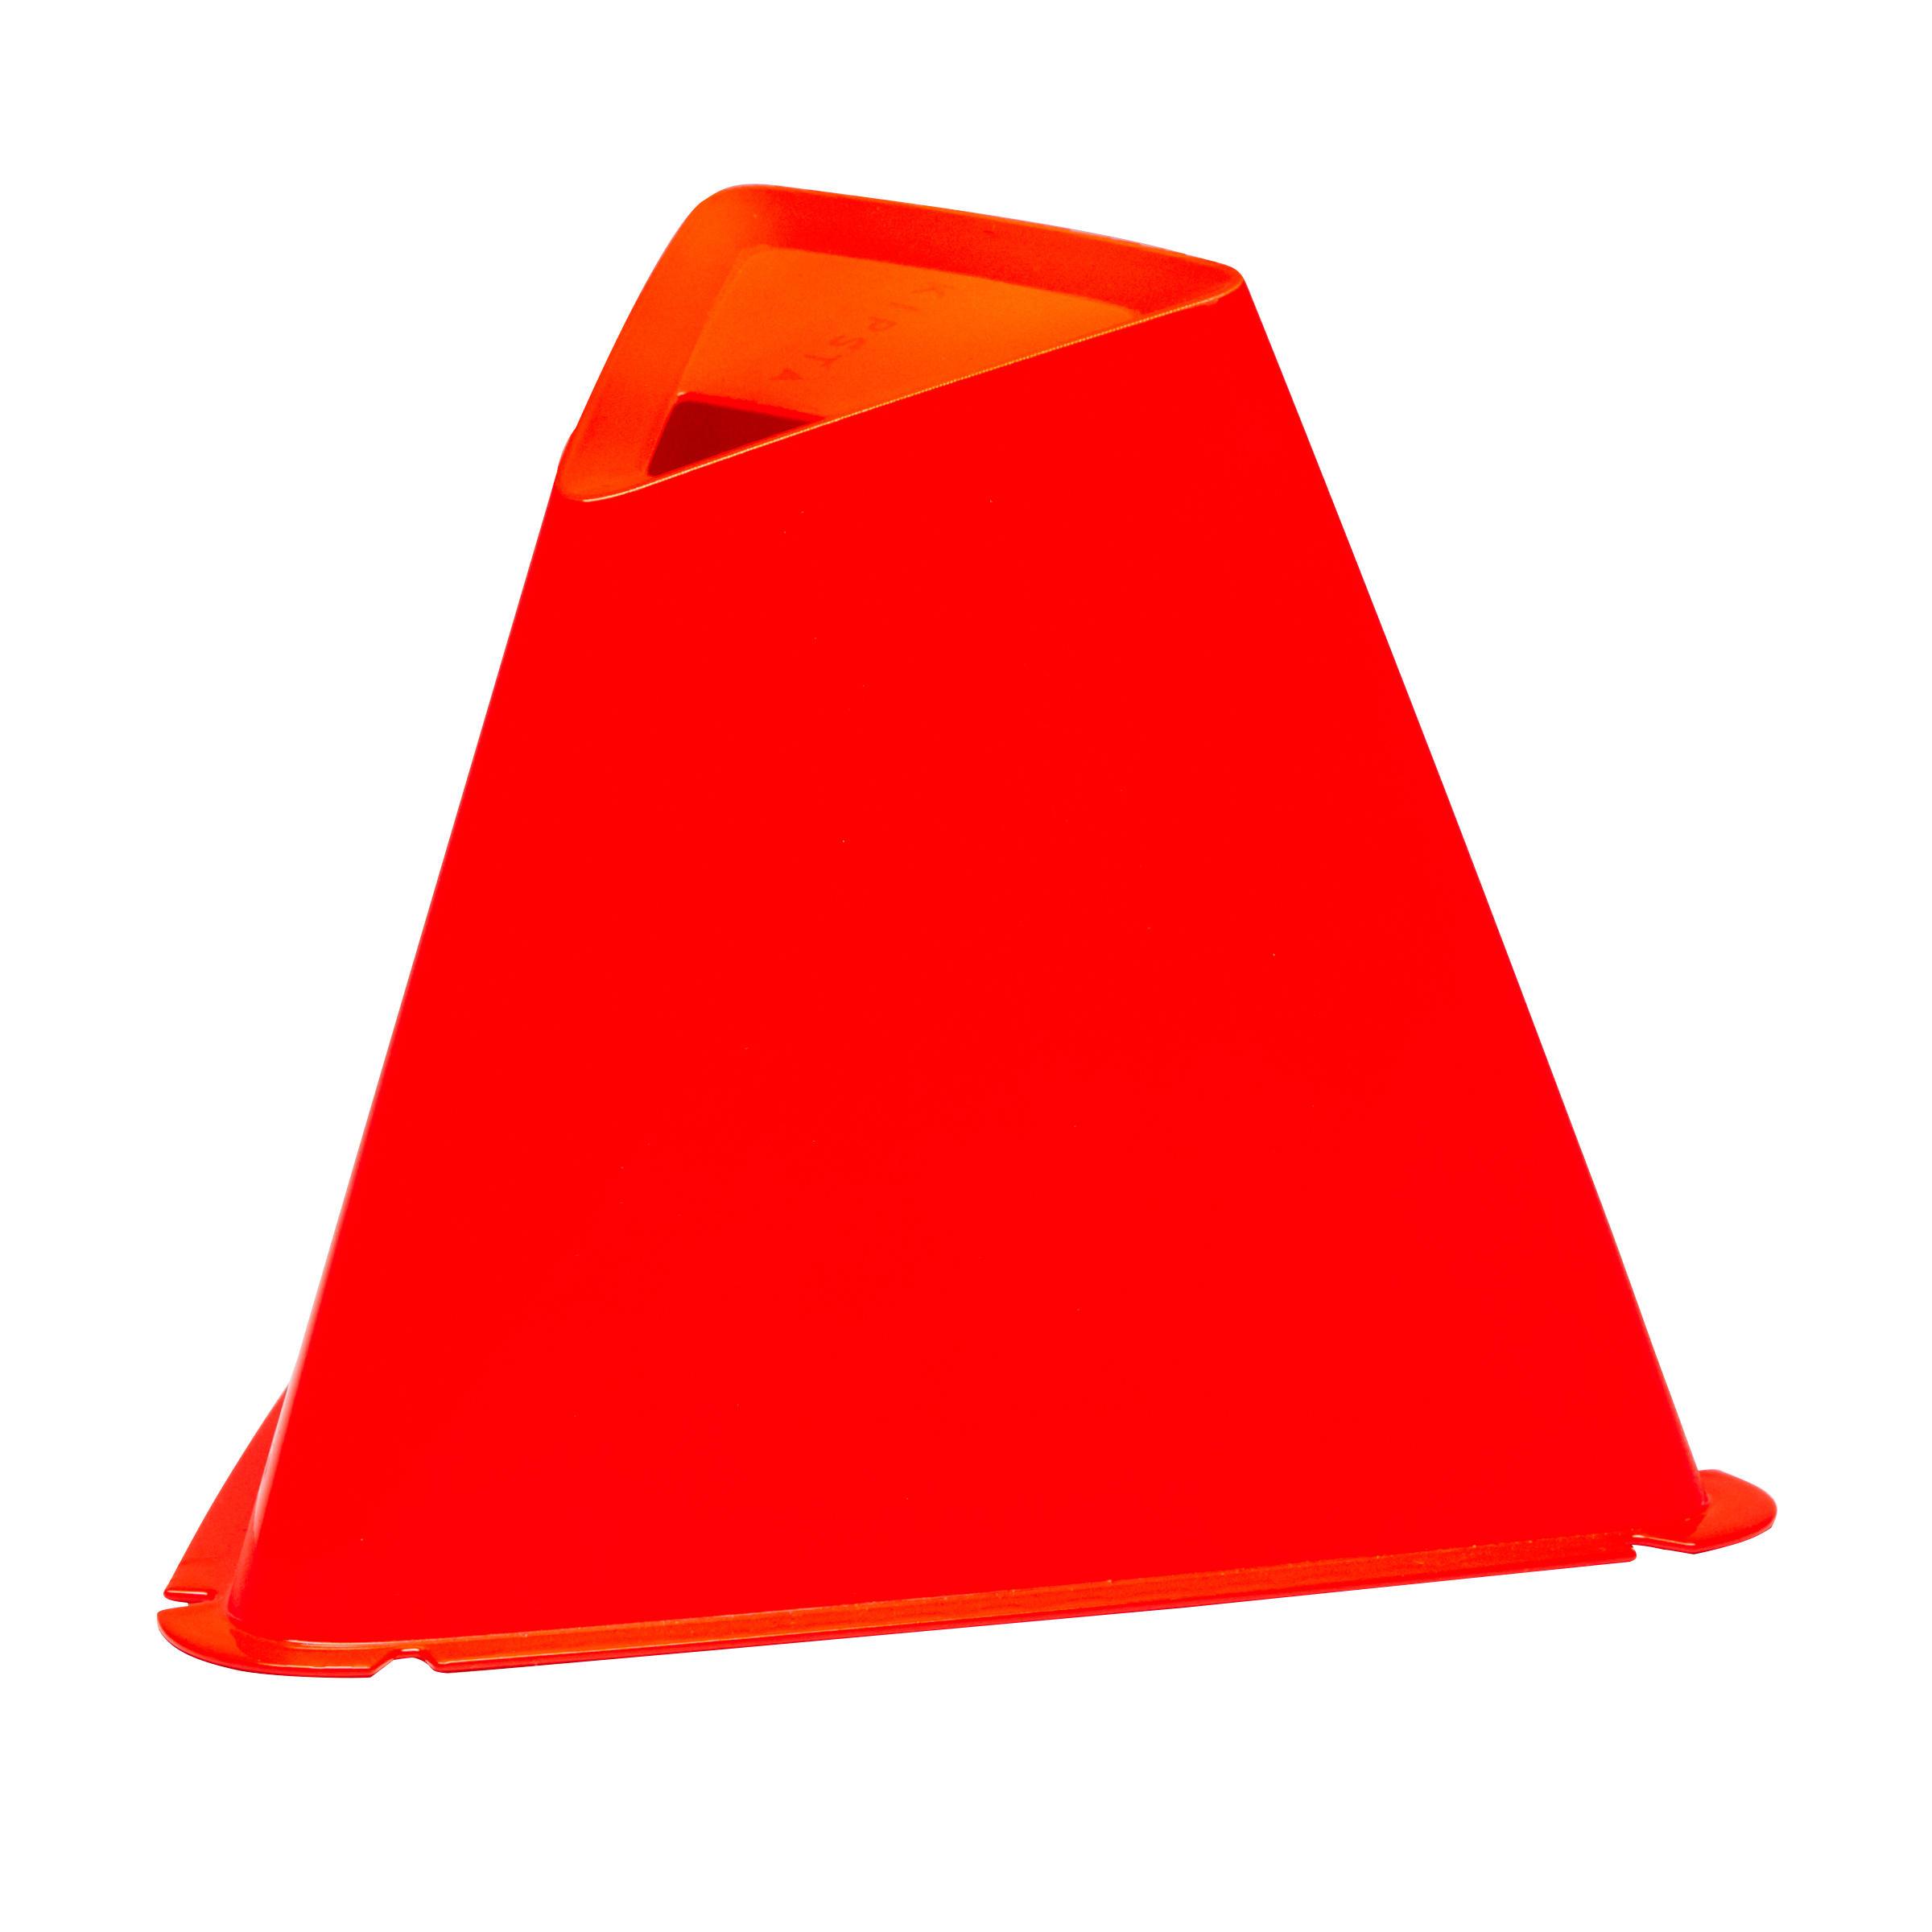 Lote de 6 conos Essential 15 cm naranja